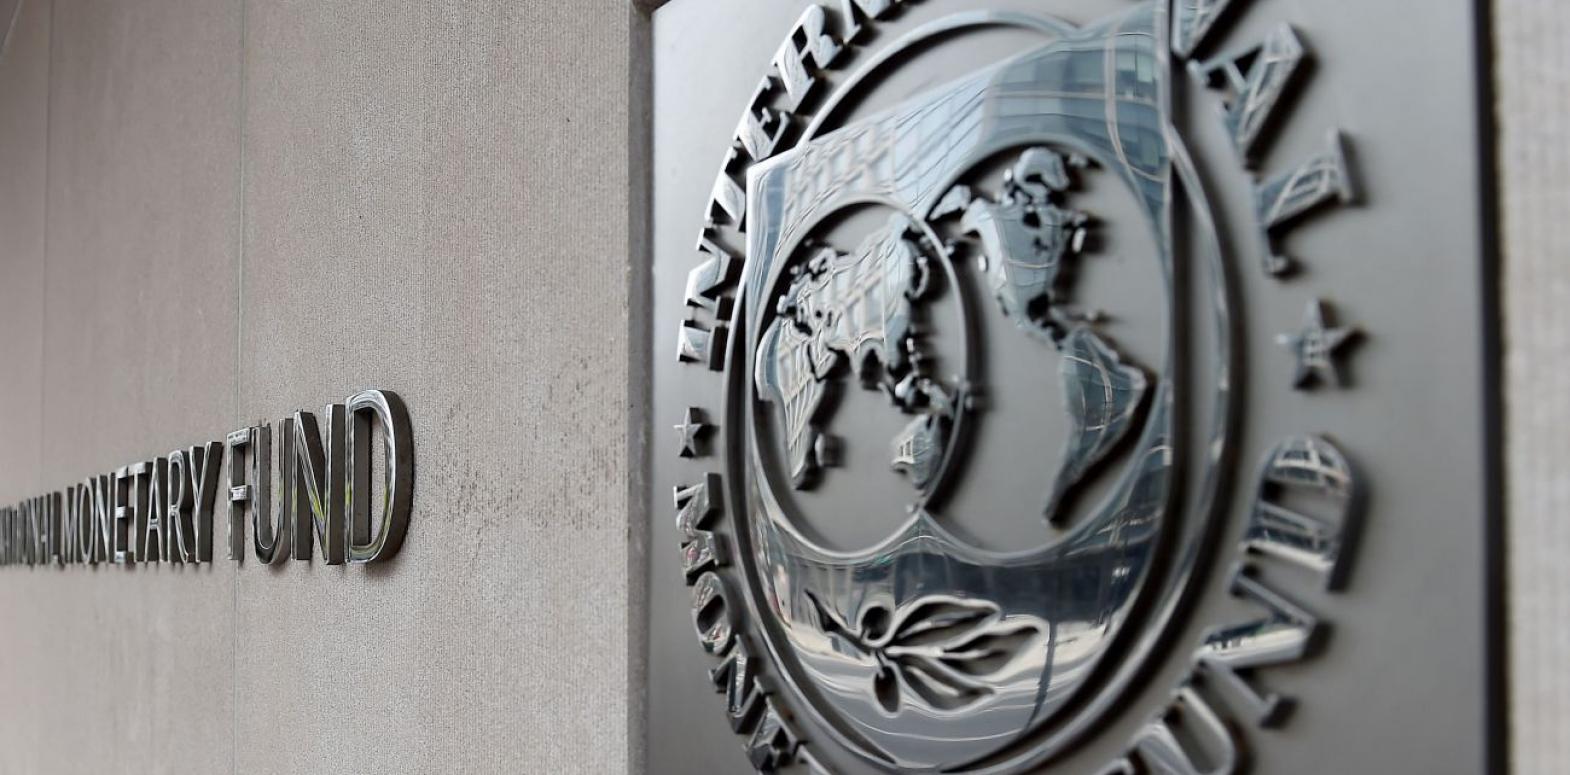 МВФ назвал условия кредитования Украины после отставки Смолия